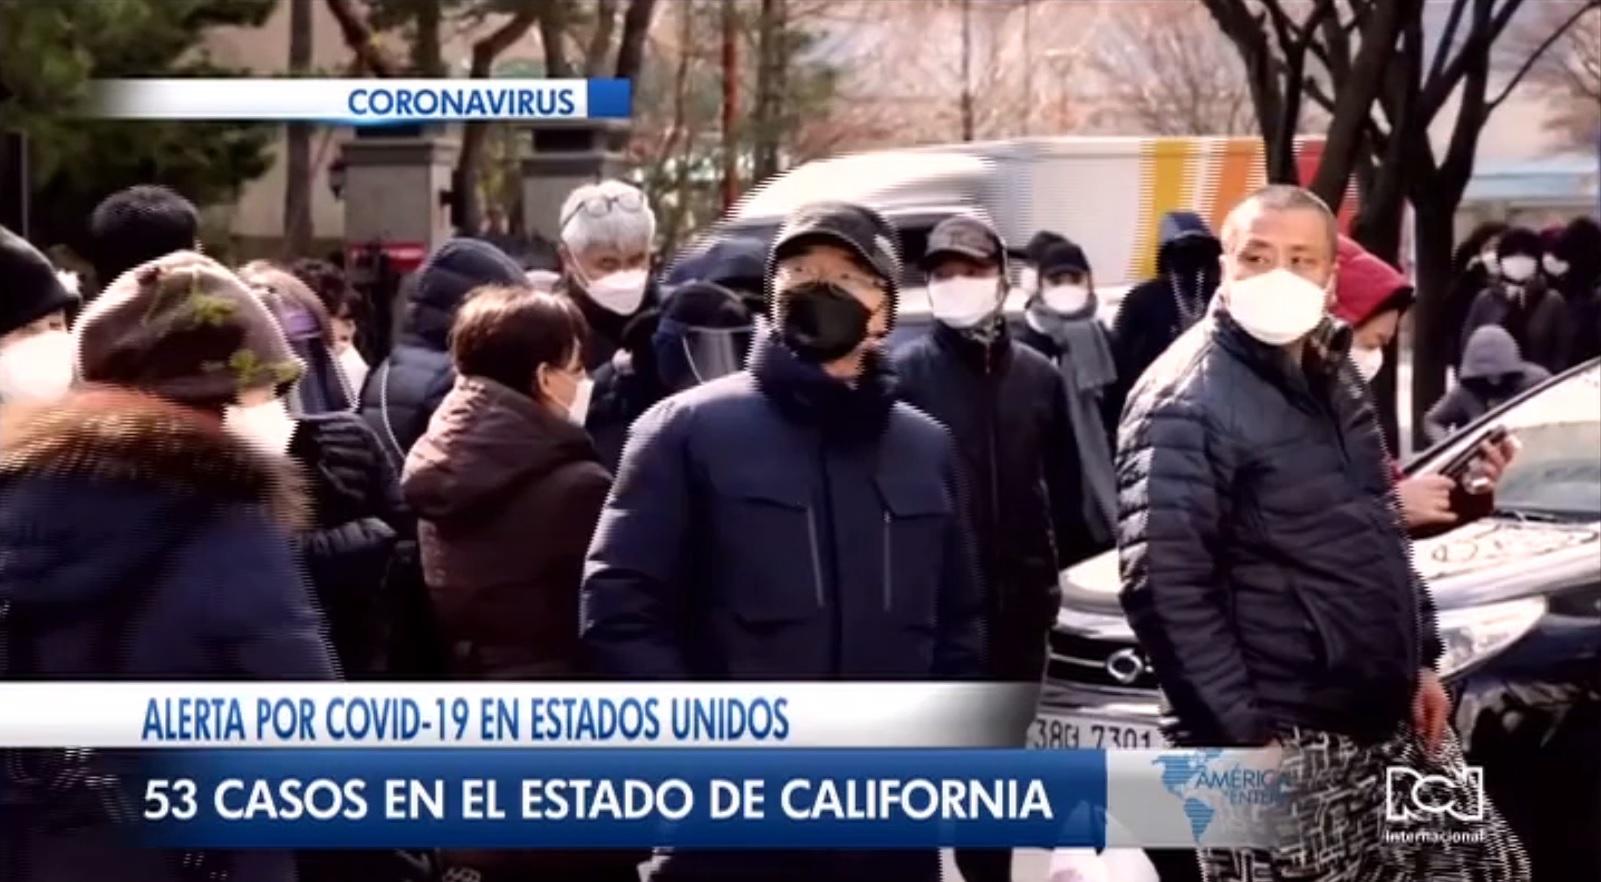 Estados Unidos elevó a 11 el número de muertos por coronavirus